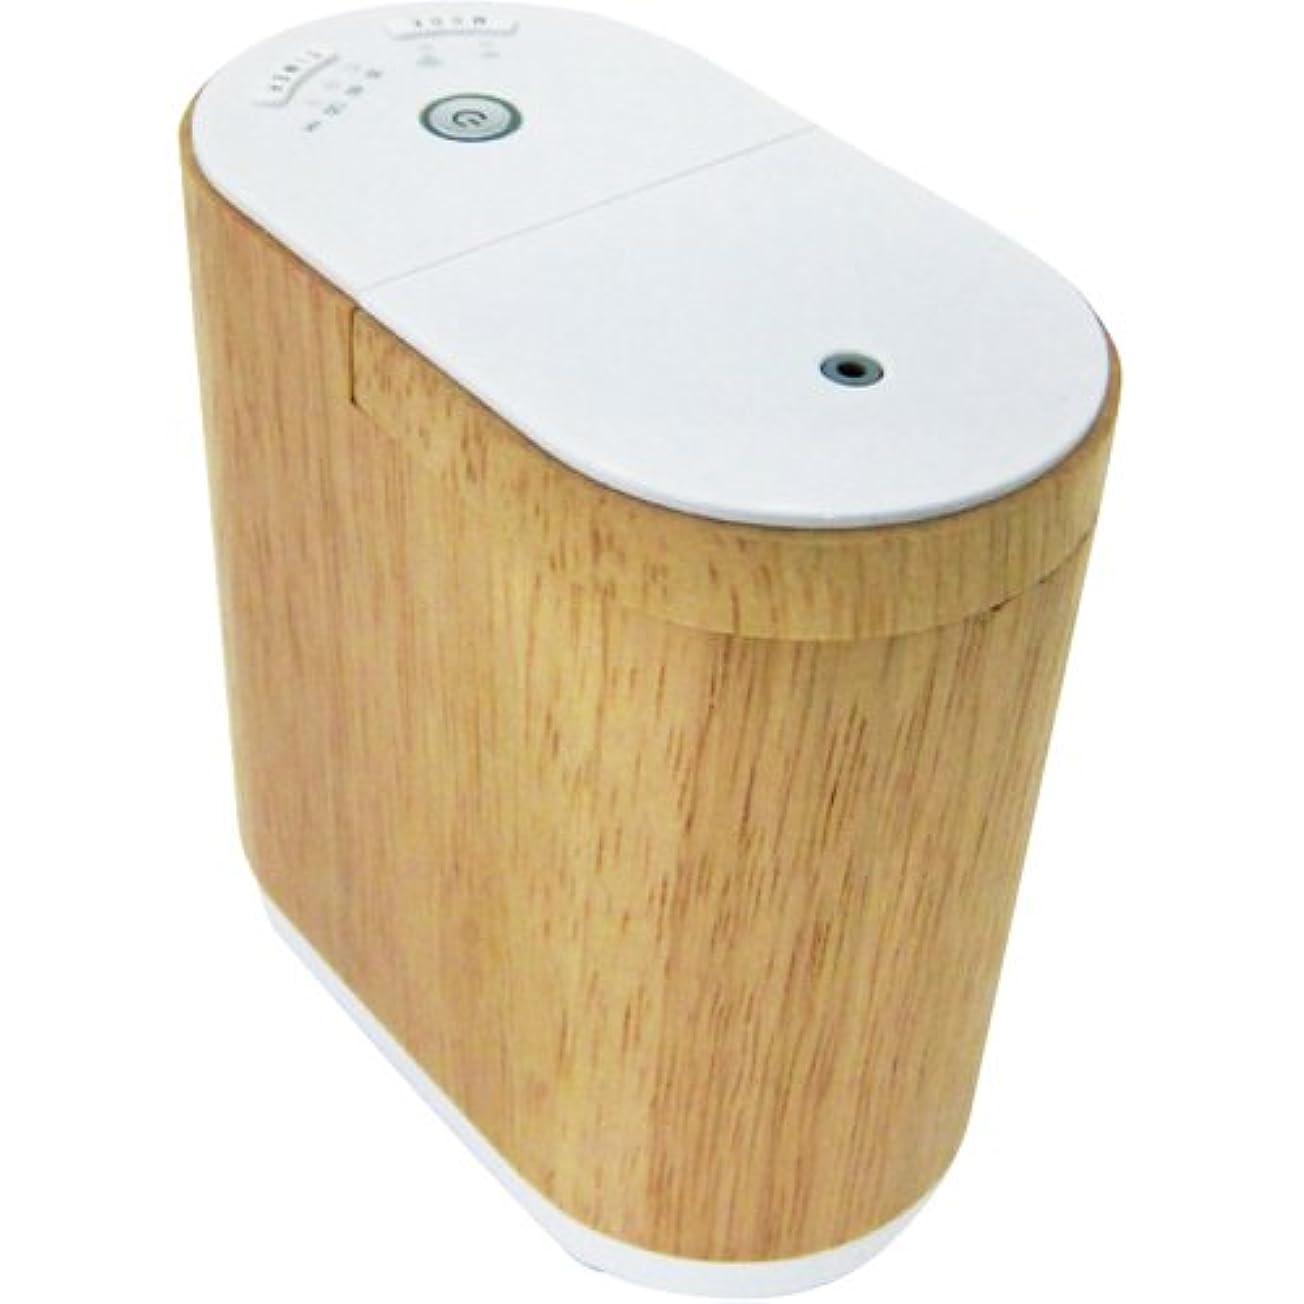 パッチカカドゥ洗練された生活の木 アロマディフューザー(ウッド)エッセンシャルオイルディフューザー aromore(アロモア) 08-801-6010